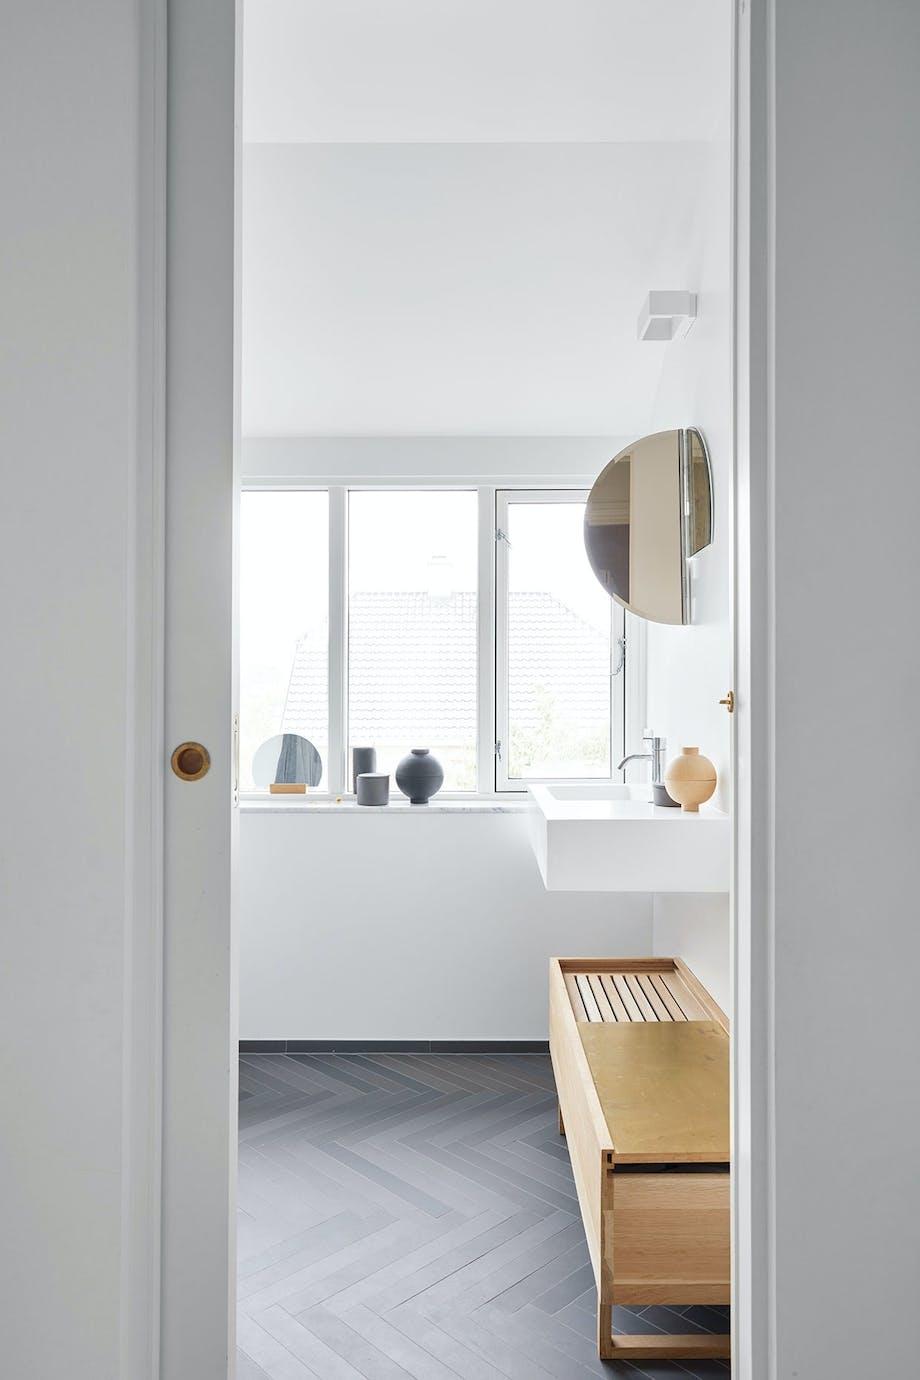 badeværelse sildebensgulv byens fliser bad